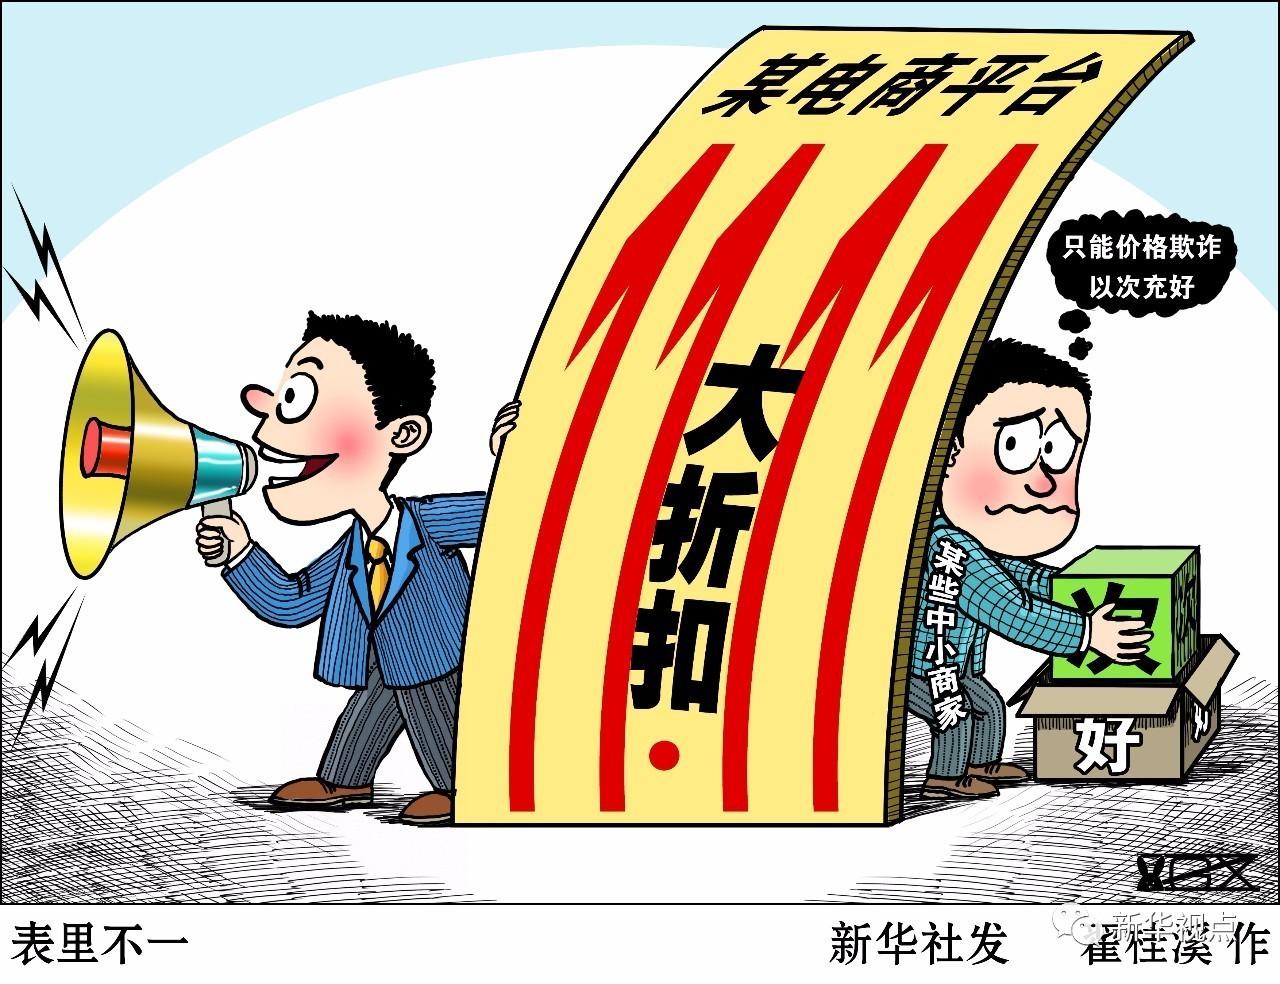 裴讯0元购的背后,联璧金融是不是非法集资骗局?